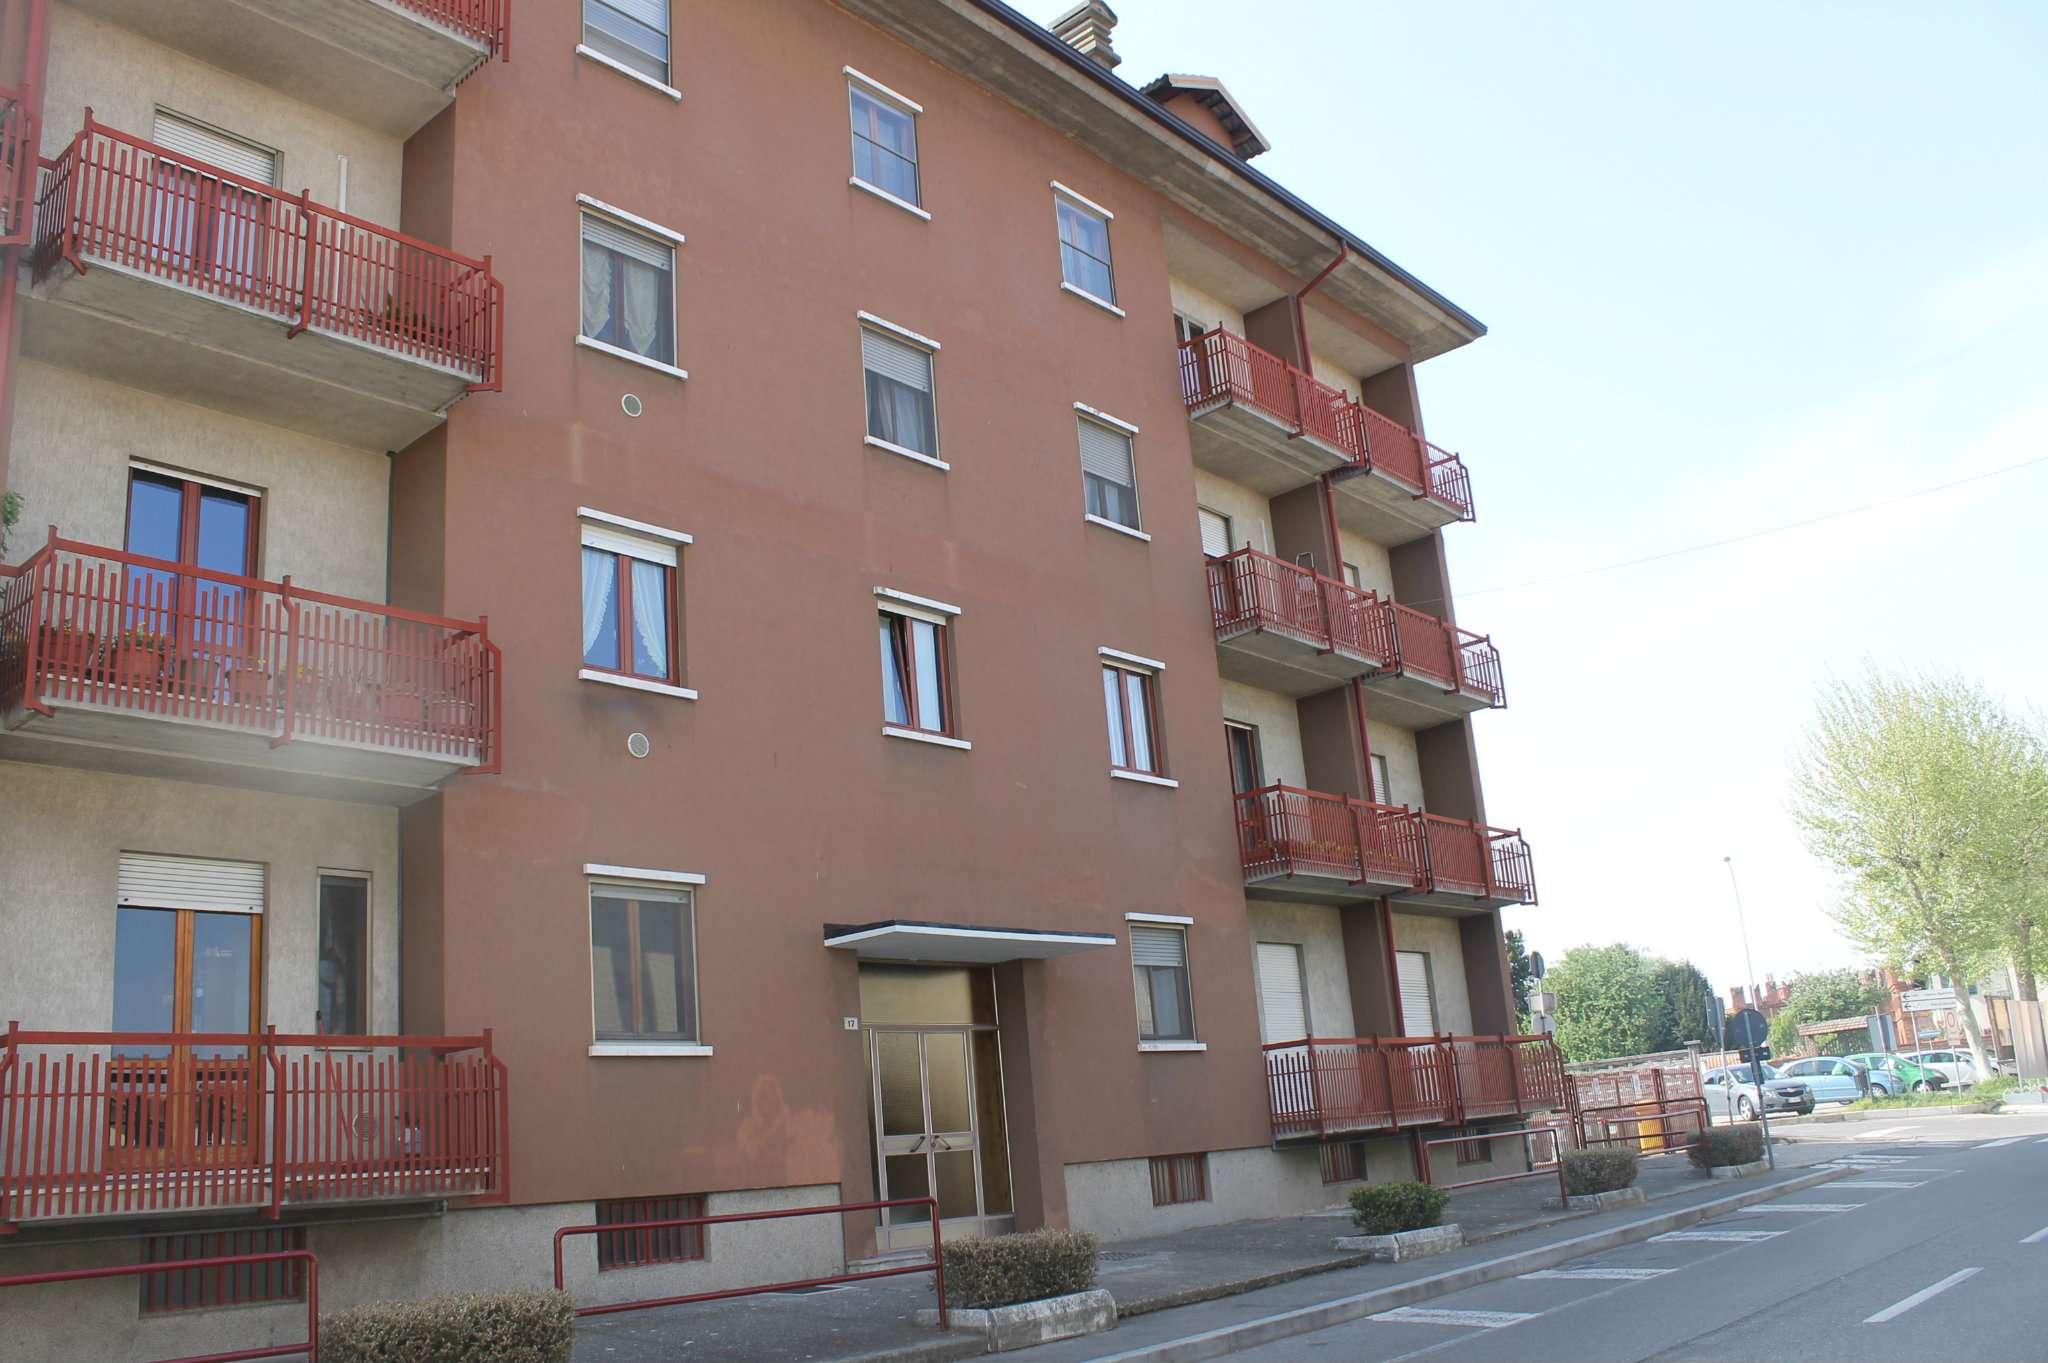 Appartamento in affitto a Dorno, 3 locali, prezzo € 300 | PortaleAgenzieImmobiliari.it